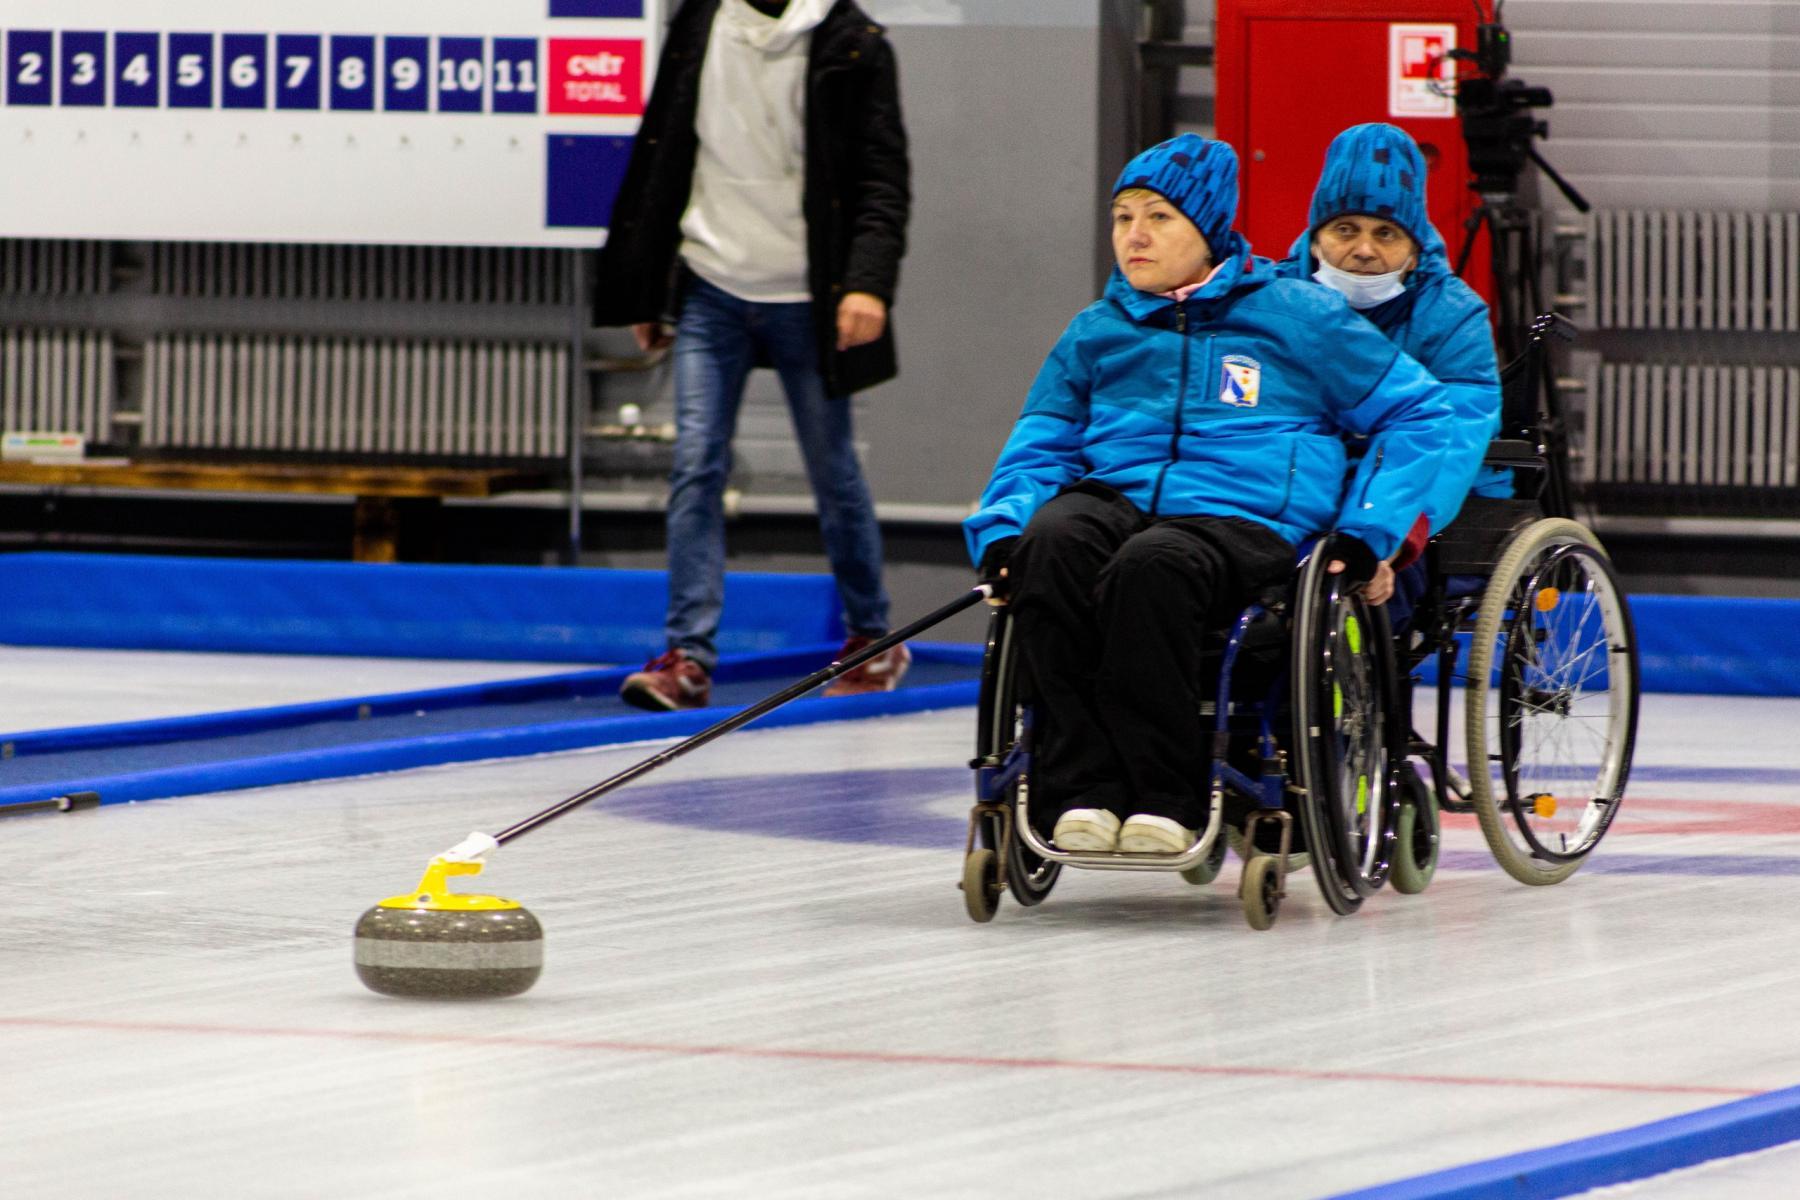 фото В Новосибирске прошли первые соревнования по кёрлингу на колясках 6